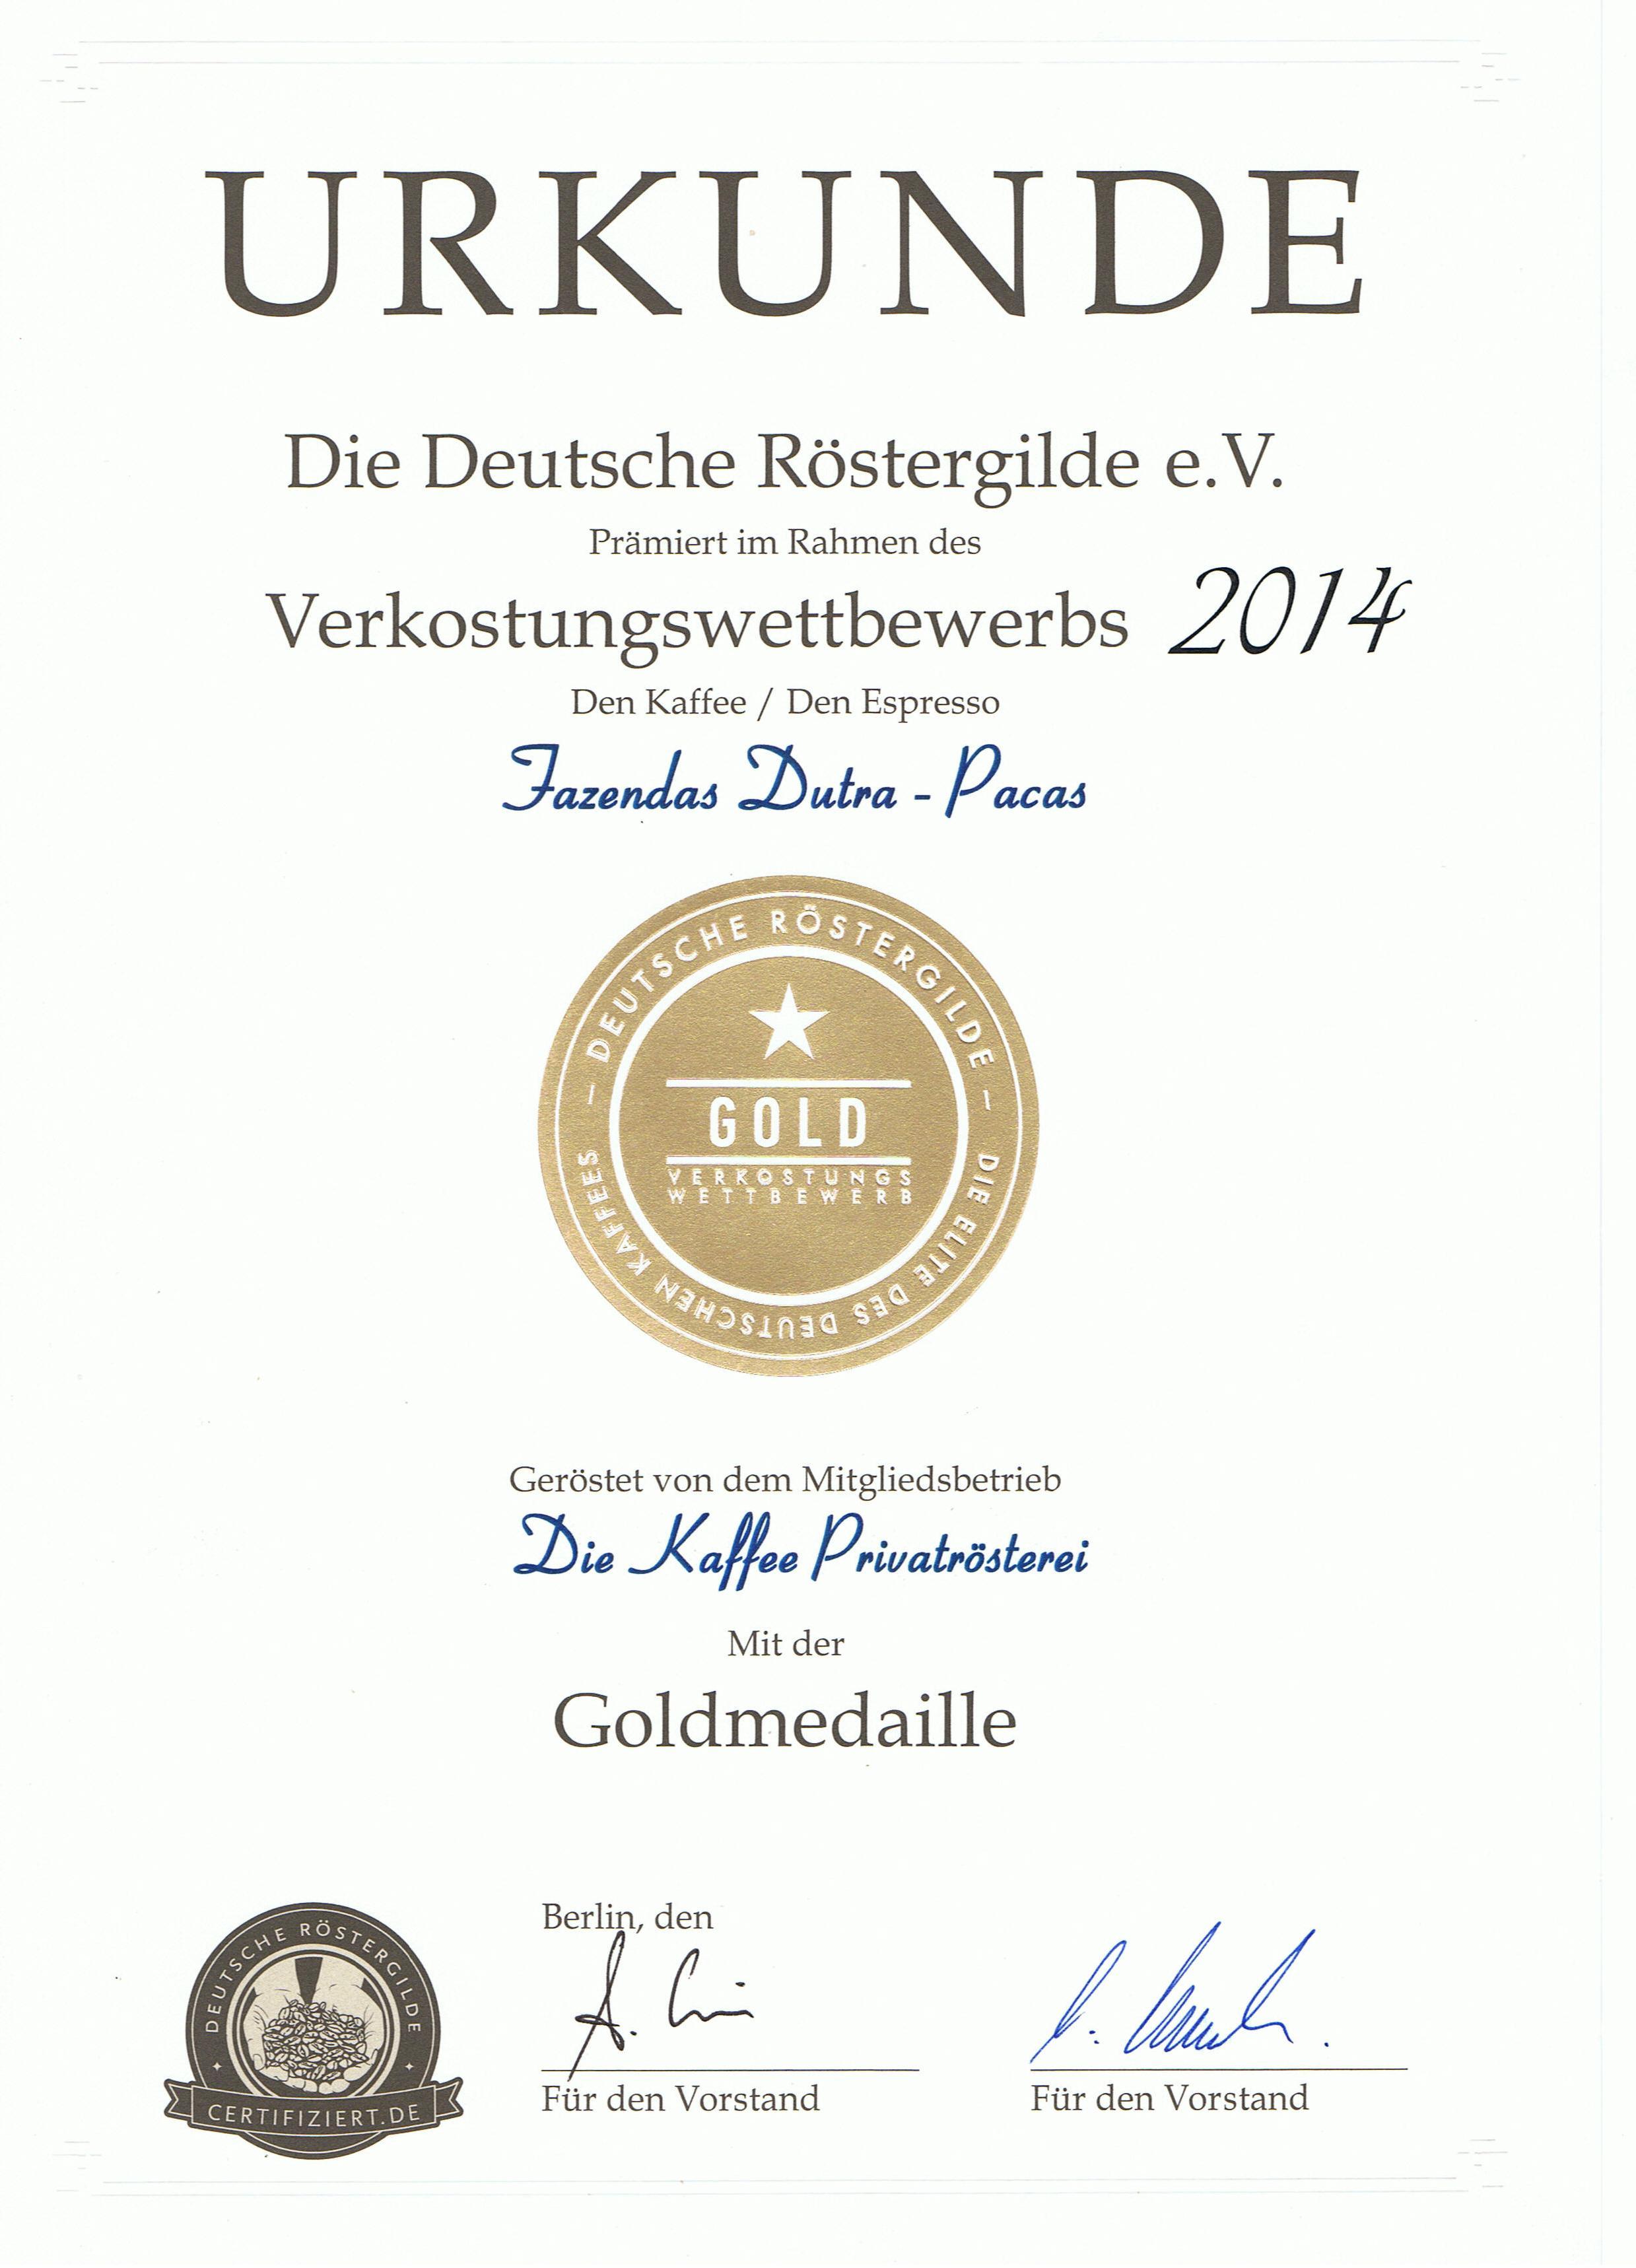 Goldmedaille für Dutra Pacas beim Verkostungswettbewerb 2014